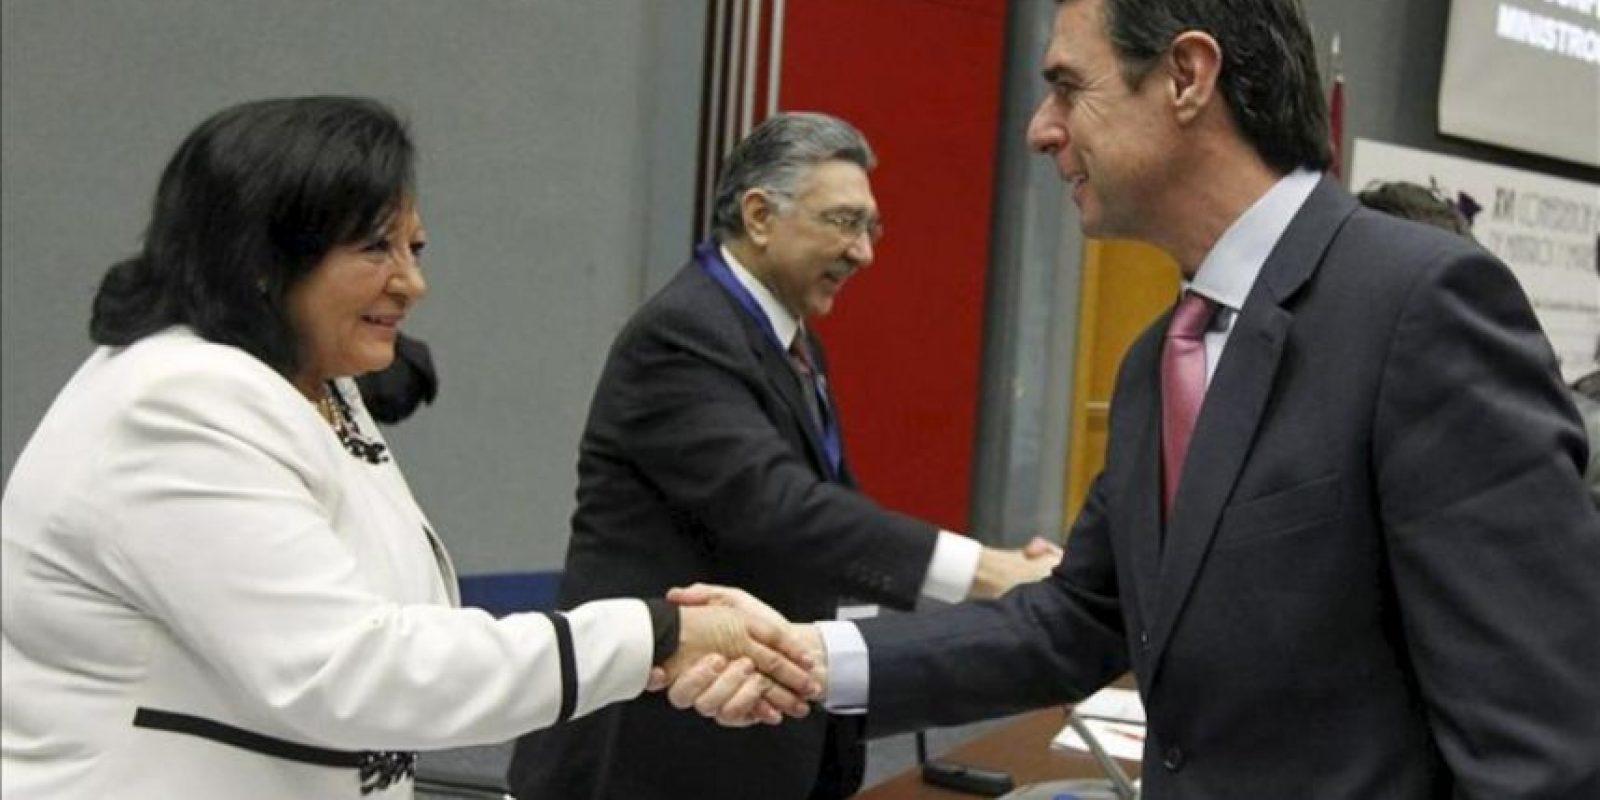 El ministro de Industria, Energía y Turismo, José Manuel Soria (dcha), saluda a la viceministra de Turismo de Cuba, Xiomara Martínez Iglesias, durante la inauguración de la XVI Conferencia Iberoamericana de Ministros y Empresarios de Turismo (CIMET), que se celebra en IFEMA, en Madrid. EFE